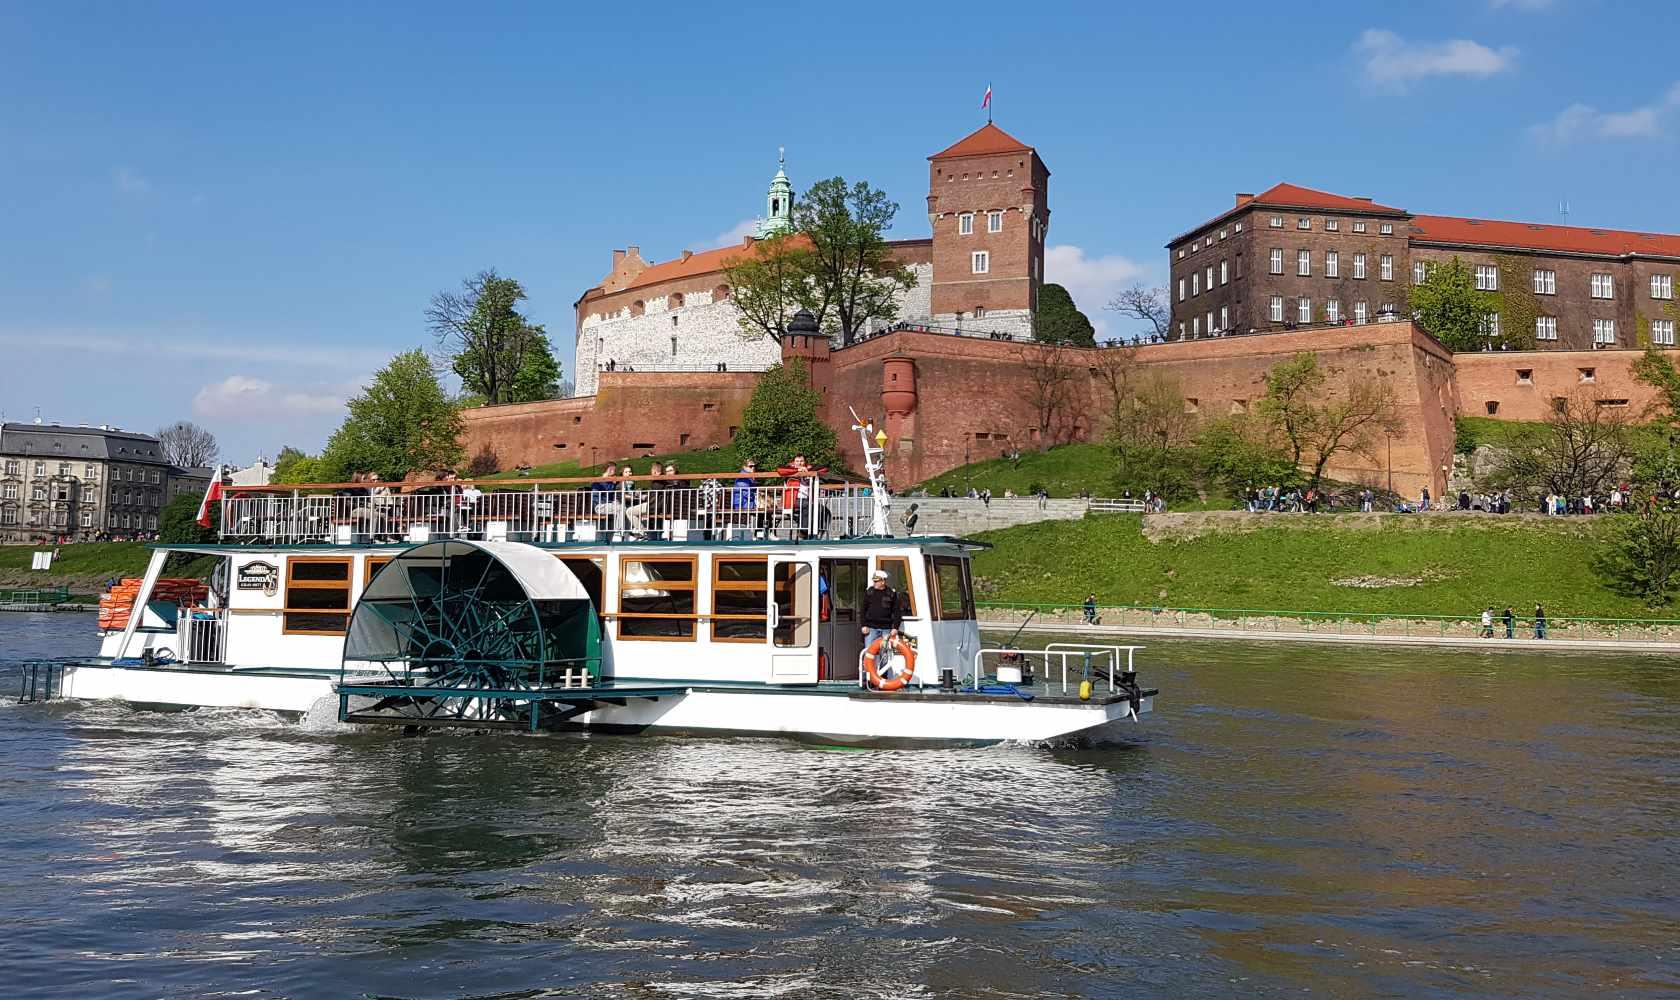 Rejs statkiem gondolą lub katamaranem po Wiśle w Krakowie